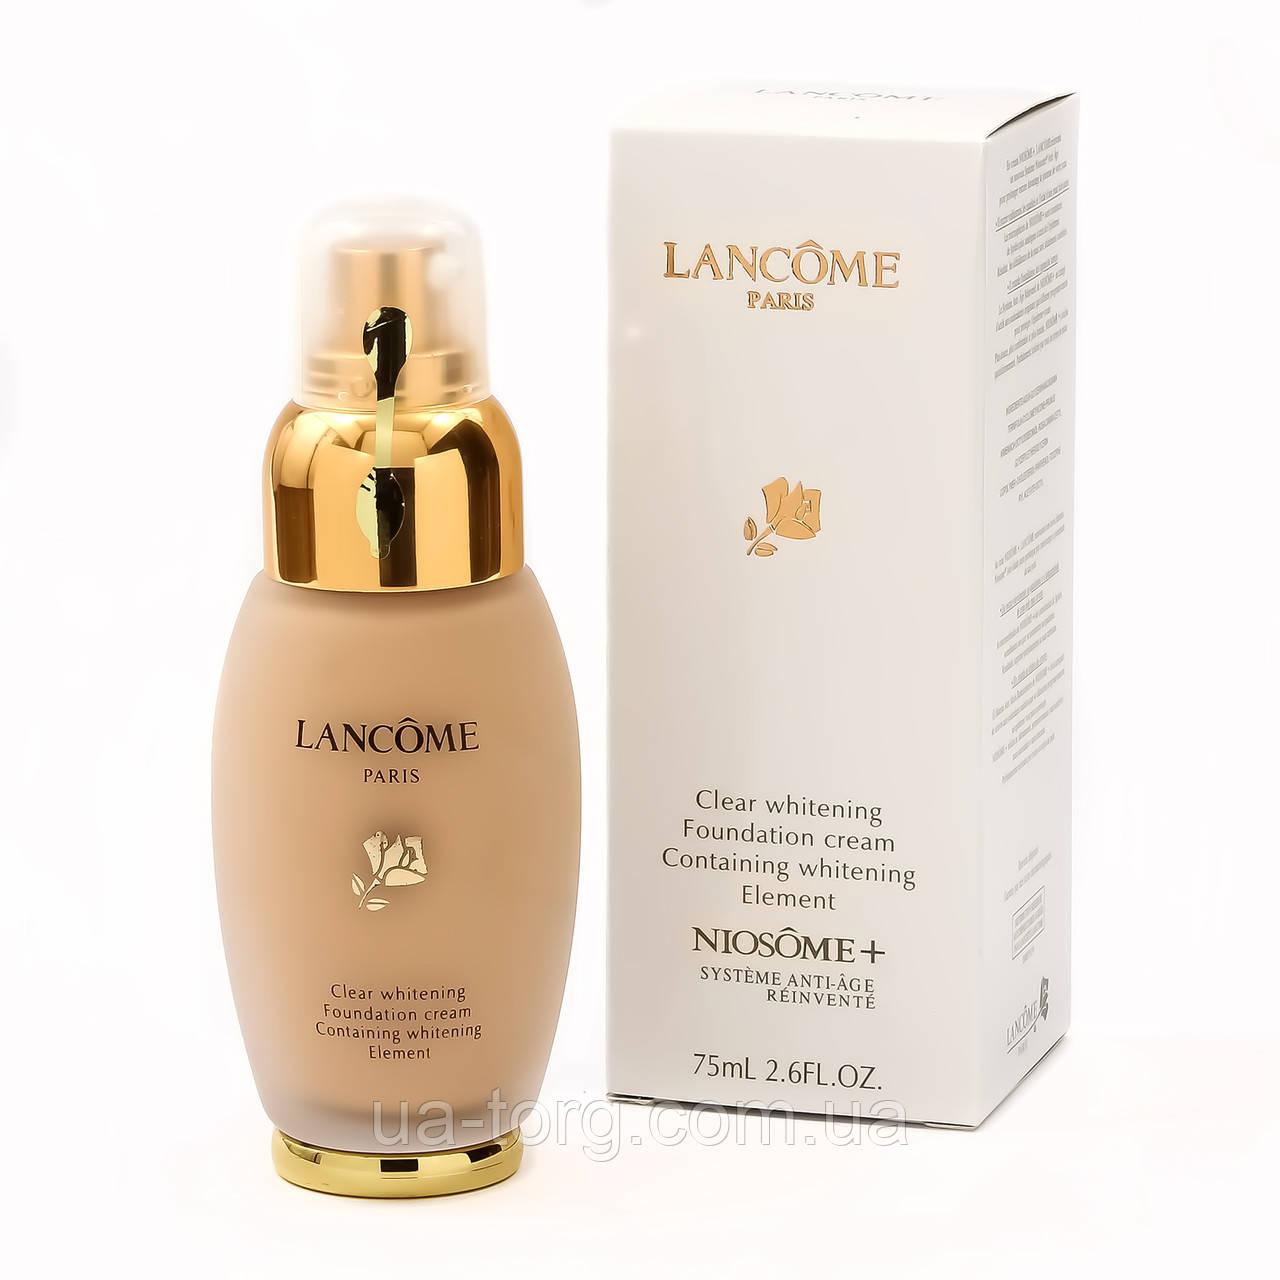 Тональный крем  Lancome Niosome (без упаковки)